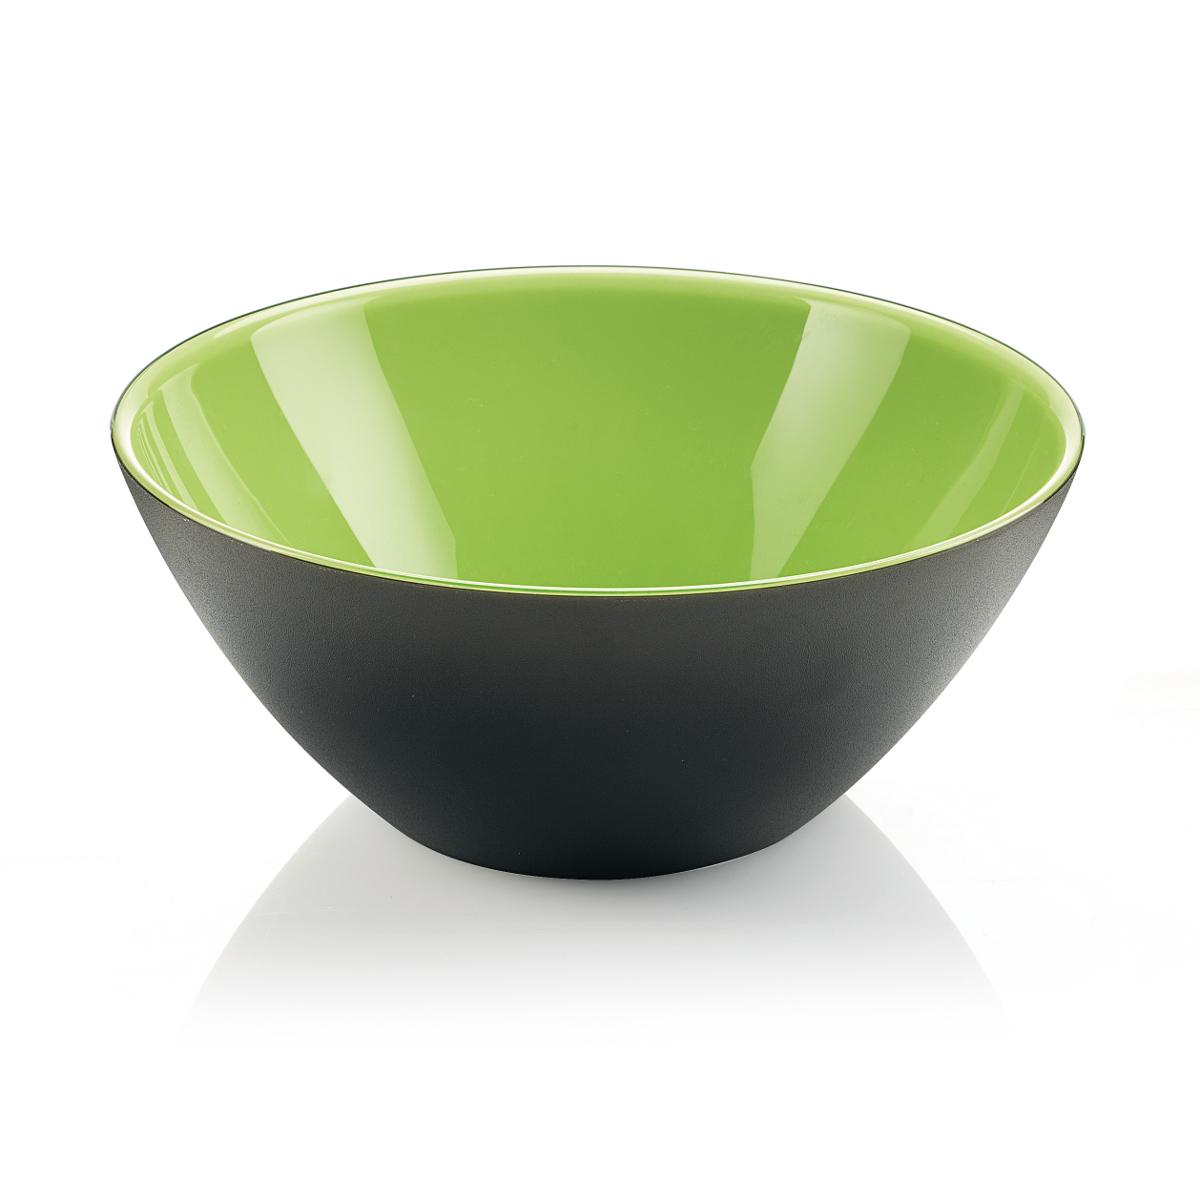 Guzzini My Fusion Kiwi and Black 1.2 Quart Bowl